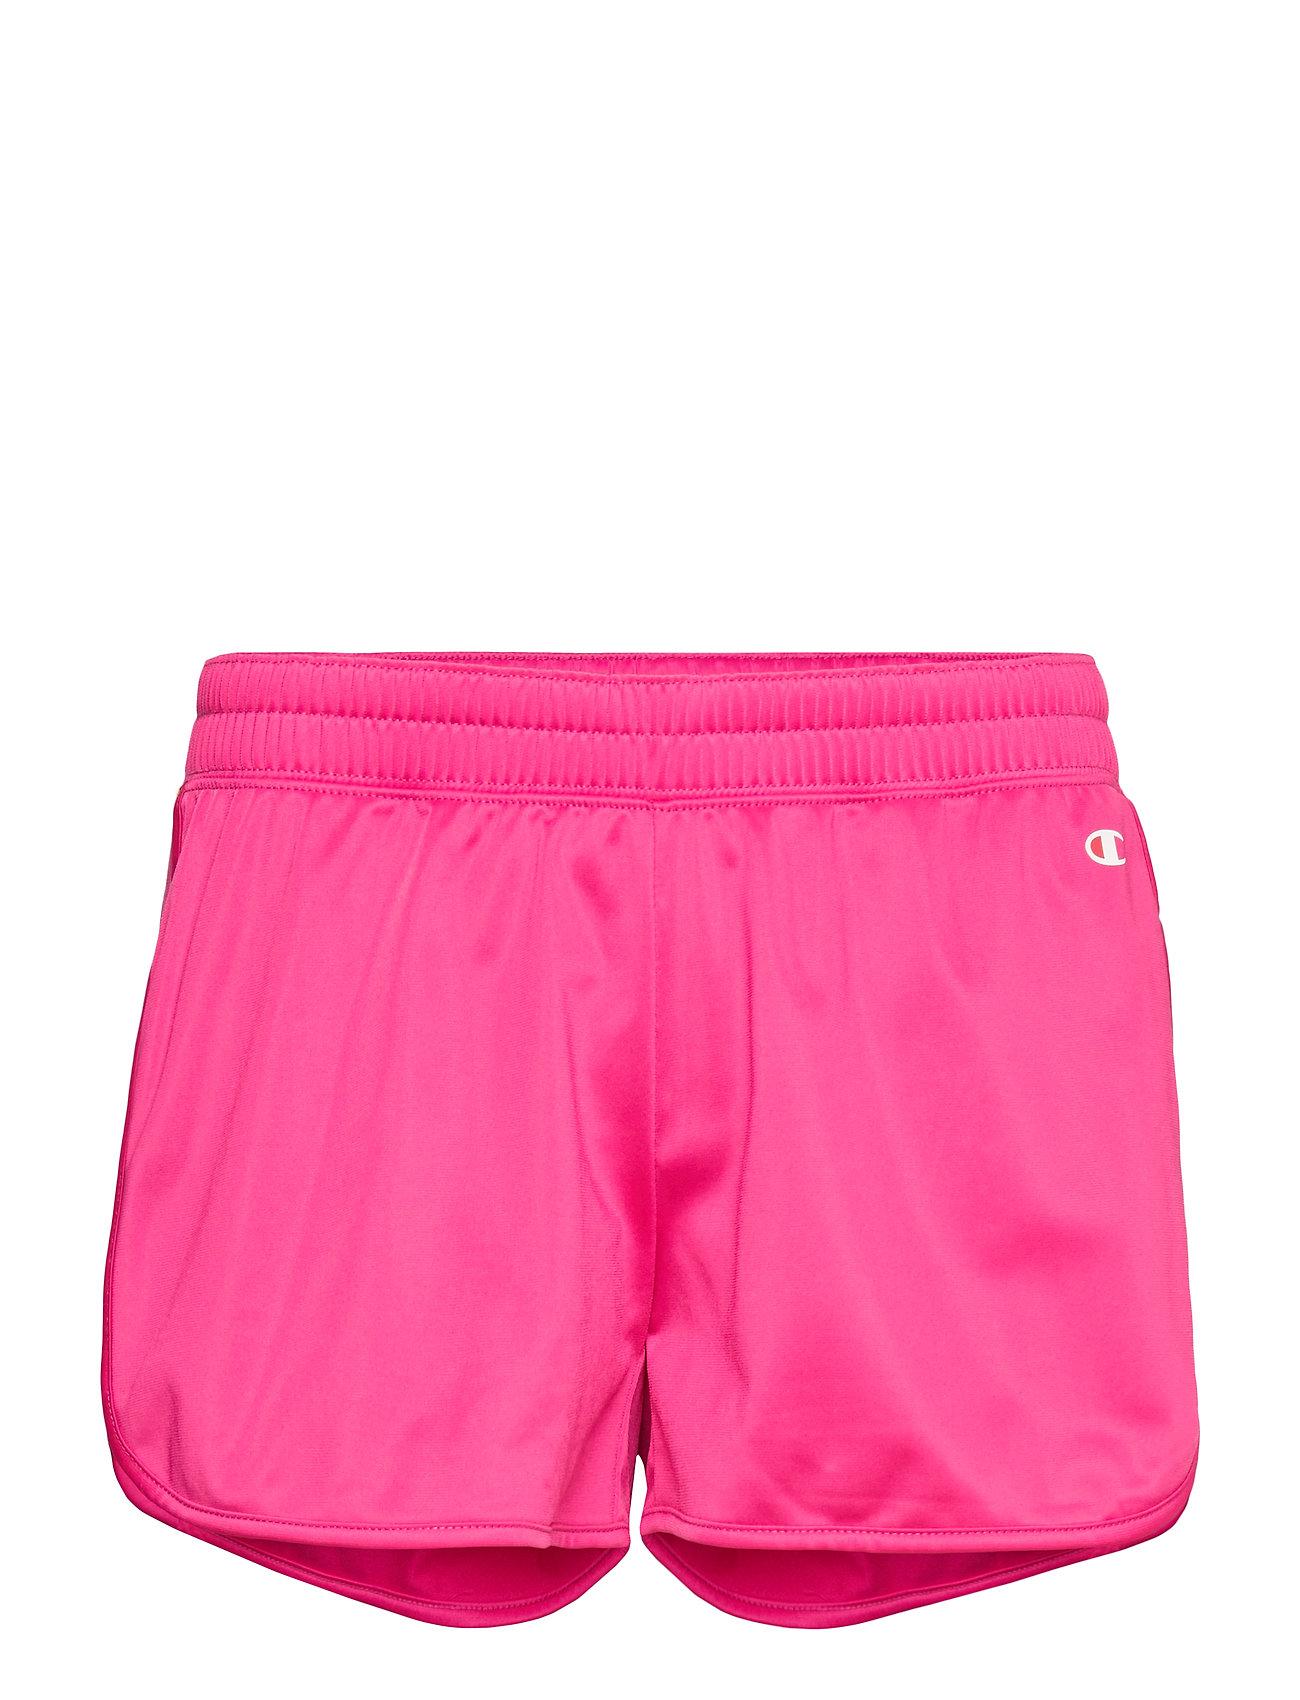 Champion Da. Rainbow Shorts 111332 pink